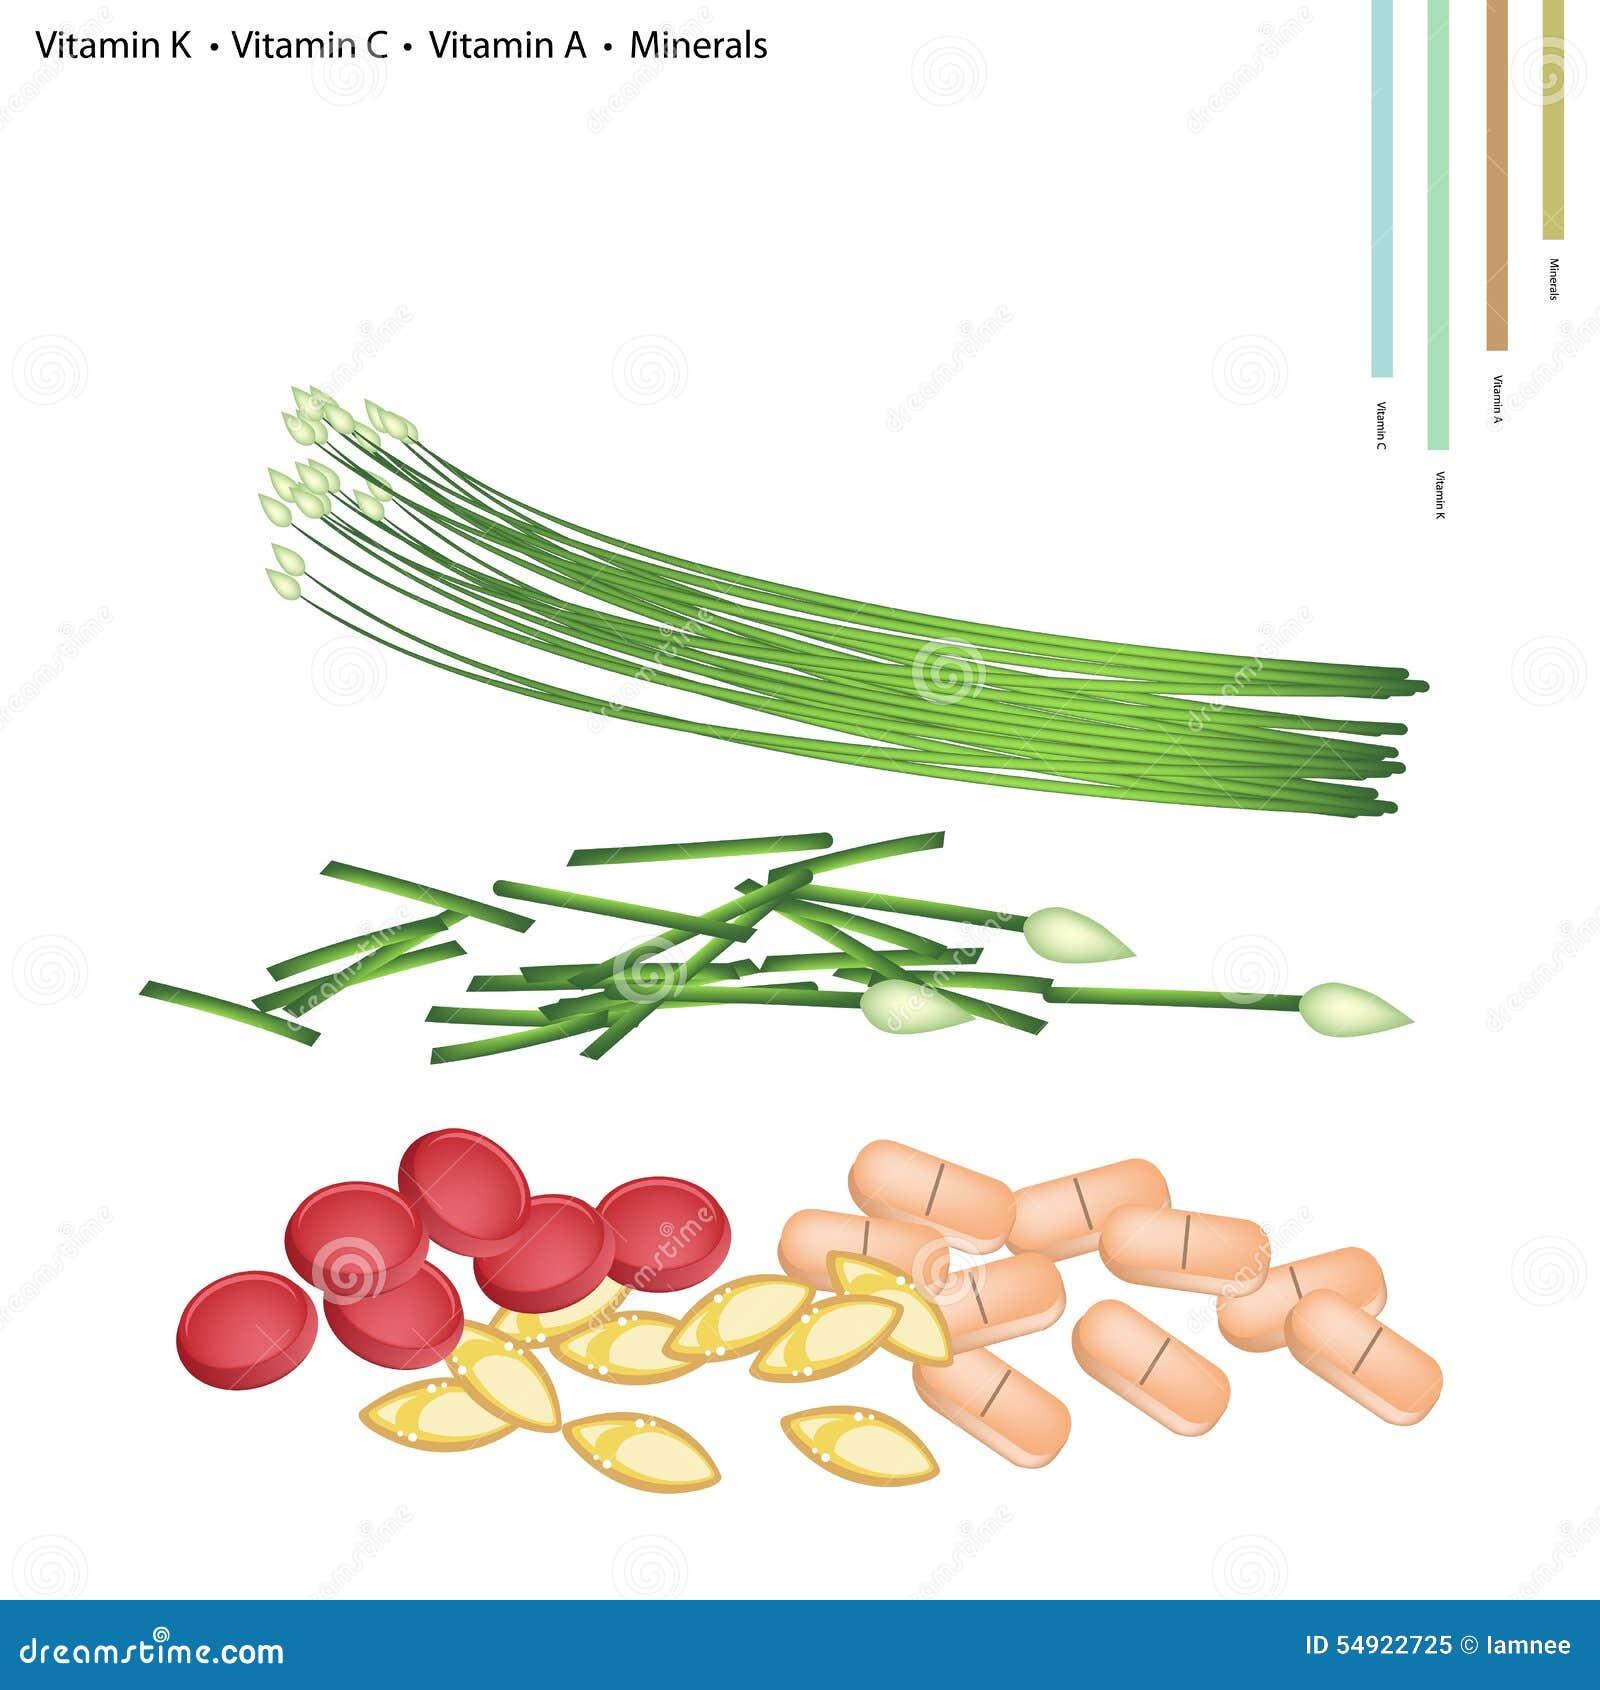 Knoblauch Schnittlauche Mit Vitamin K C A B9 Und Mineralien Afolat Gesundheitswesen Konzept Illustration Von Schnittlauchen Folat Oder Tablet